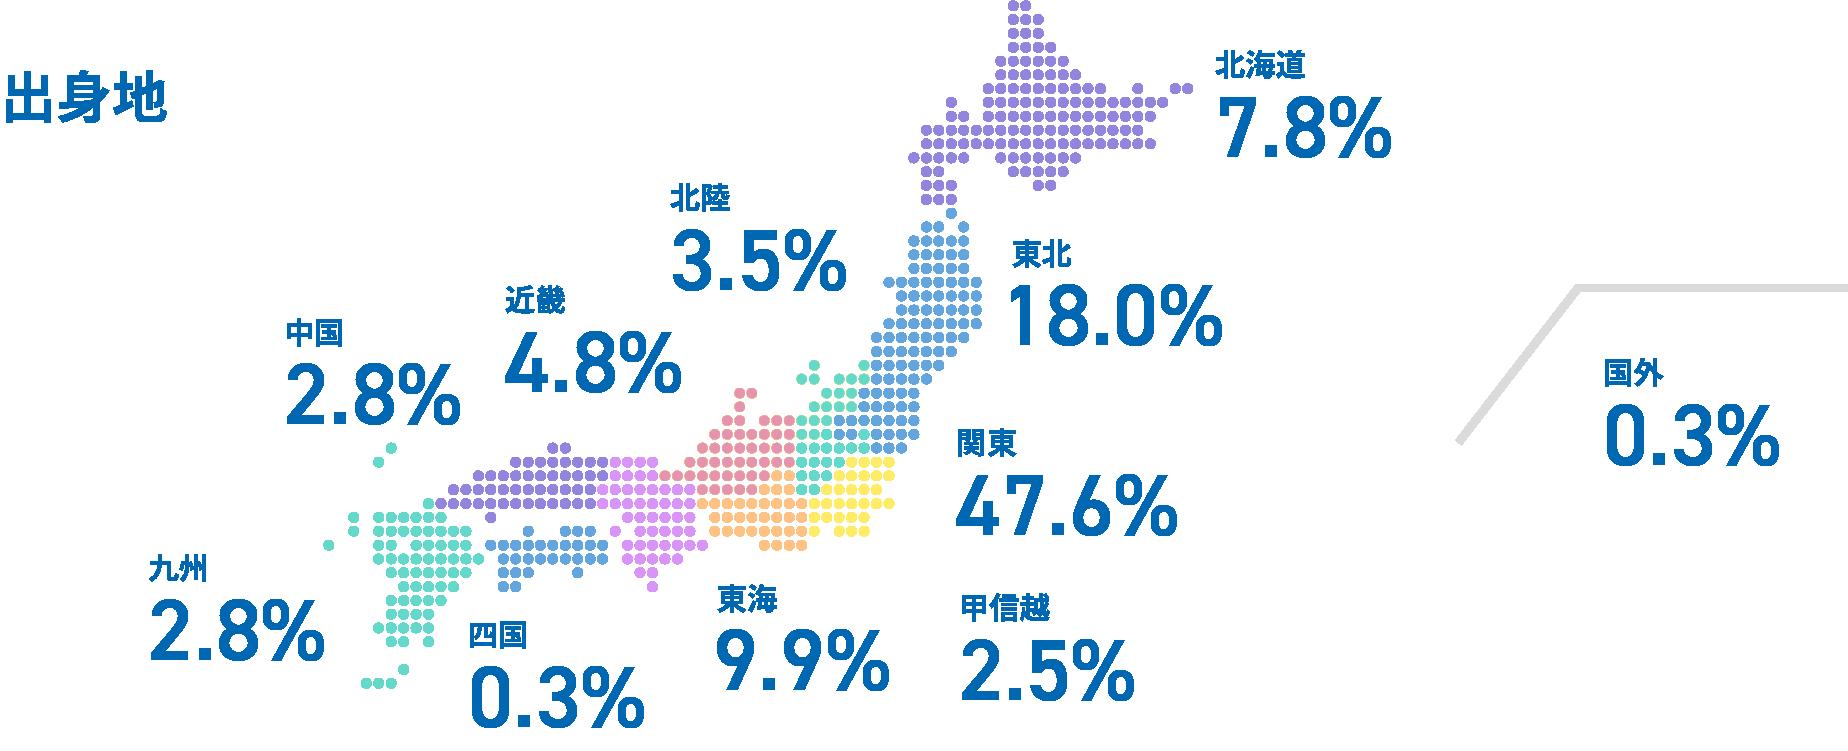 出身地 北陸 3.5% 近畿 4.8% 中国 2.8% 九州 2.8% 北海道 7.8% 東北 18.0% 北関東 4.3% 南関東 43.3% 国外 0.3% 四国 0.3% 東海 9.9% 甲信越 2.5%